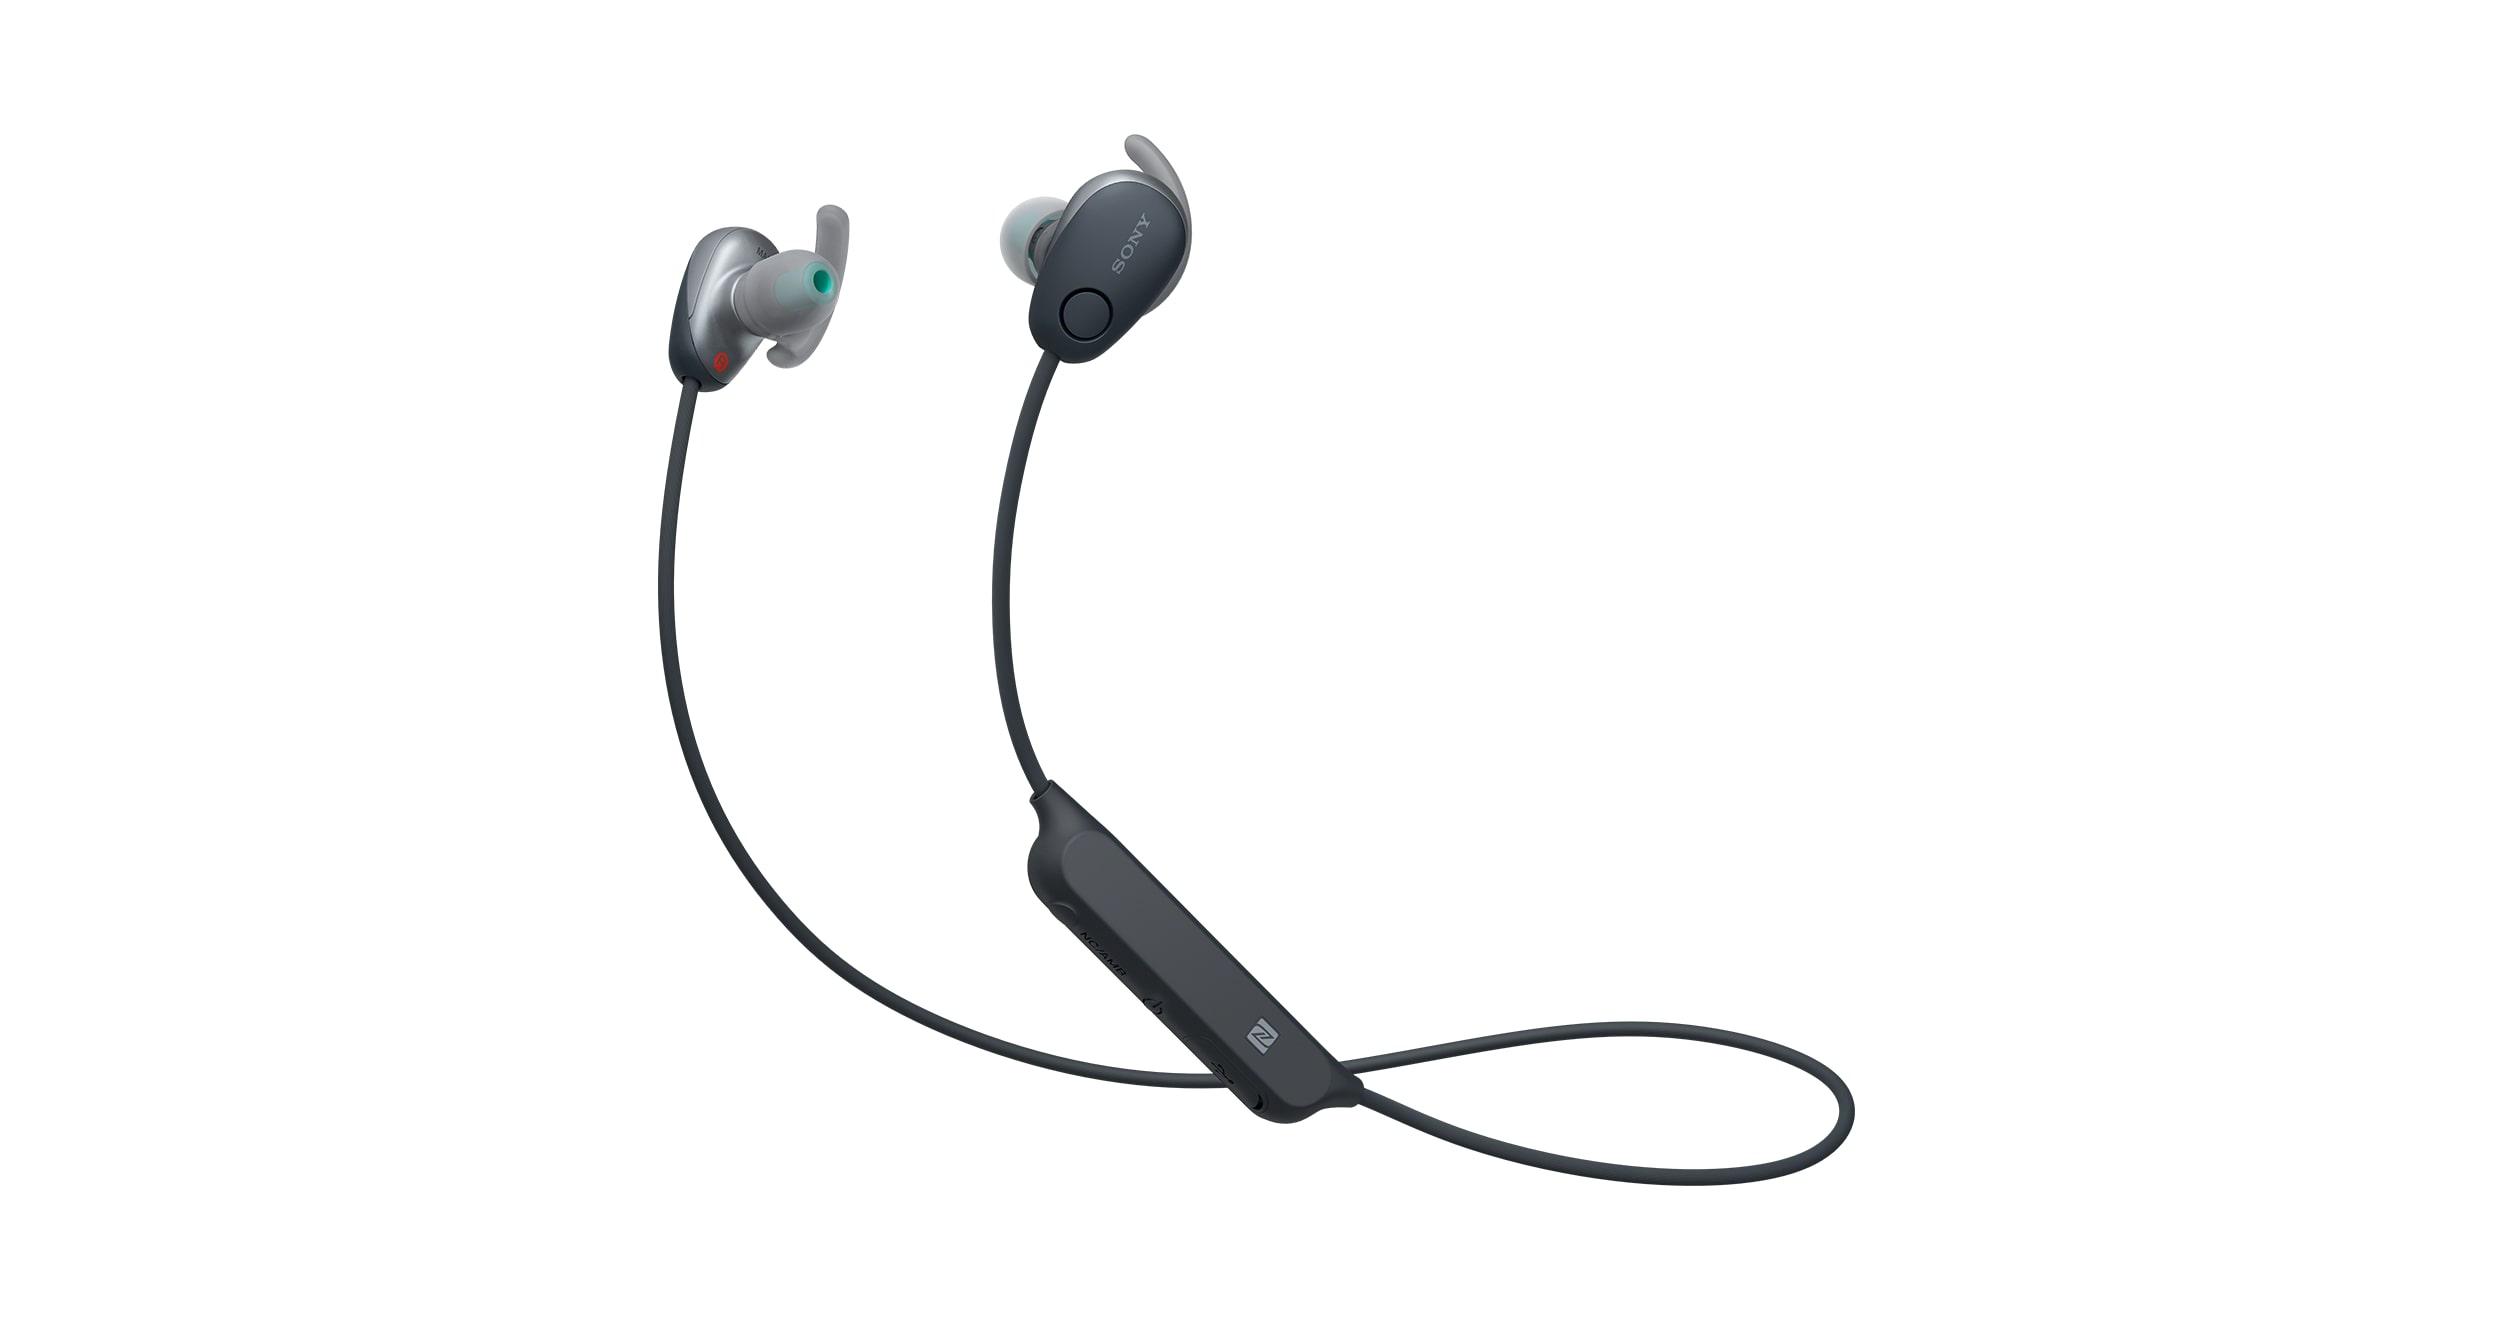 WI-SP600N Sports Wireless Noise Cancelling In-ear